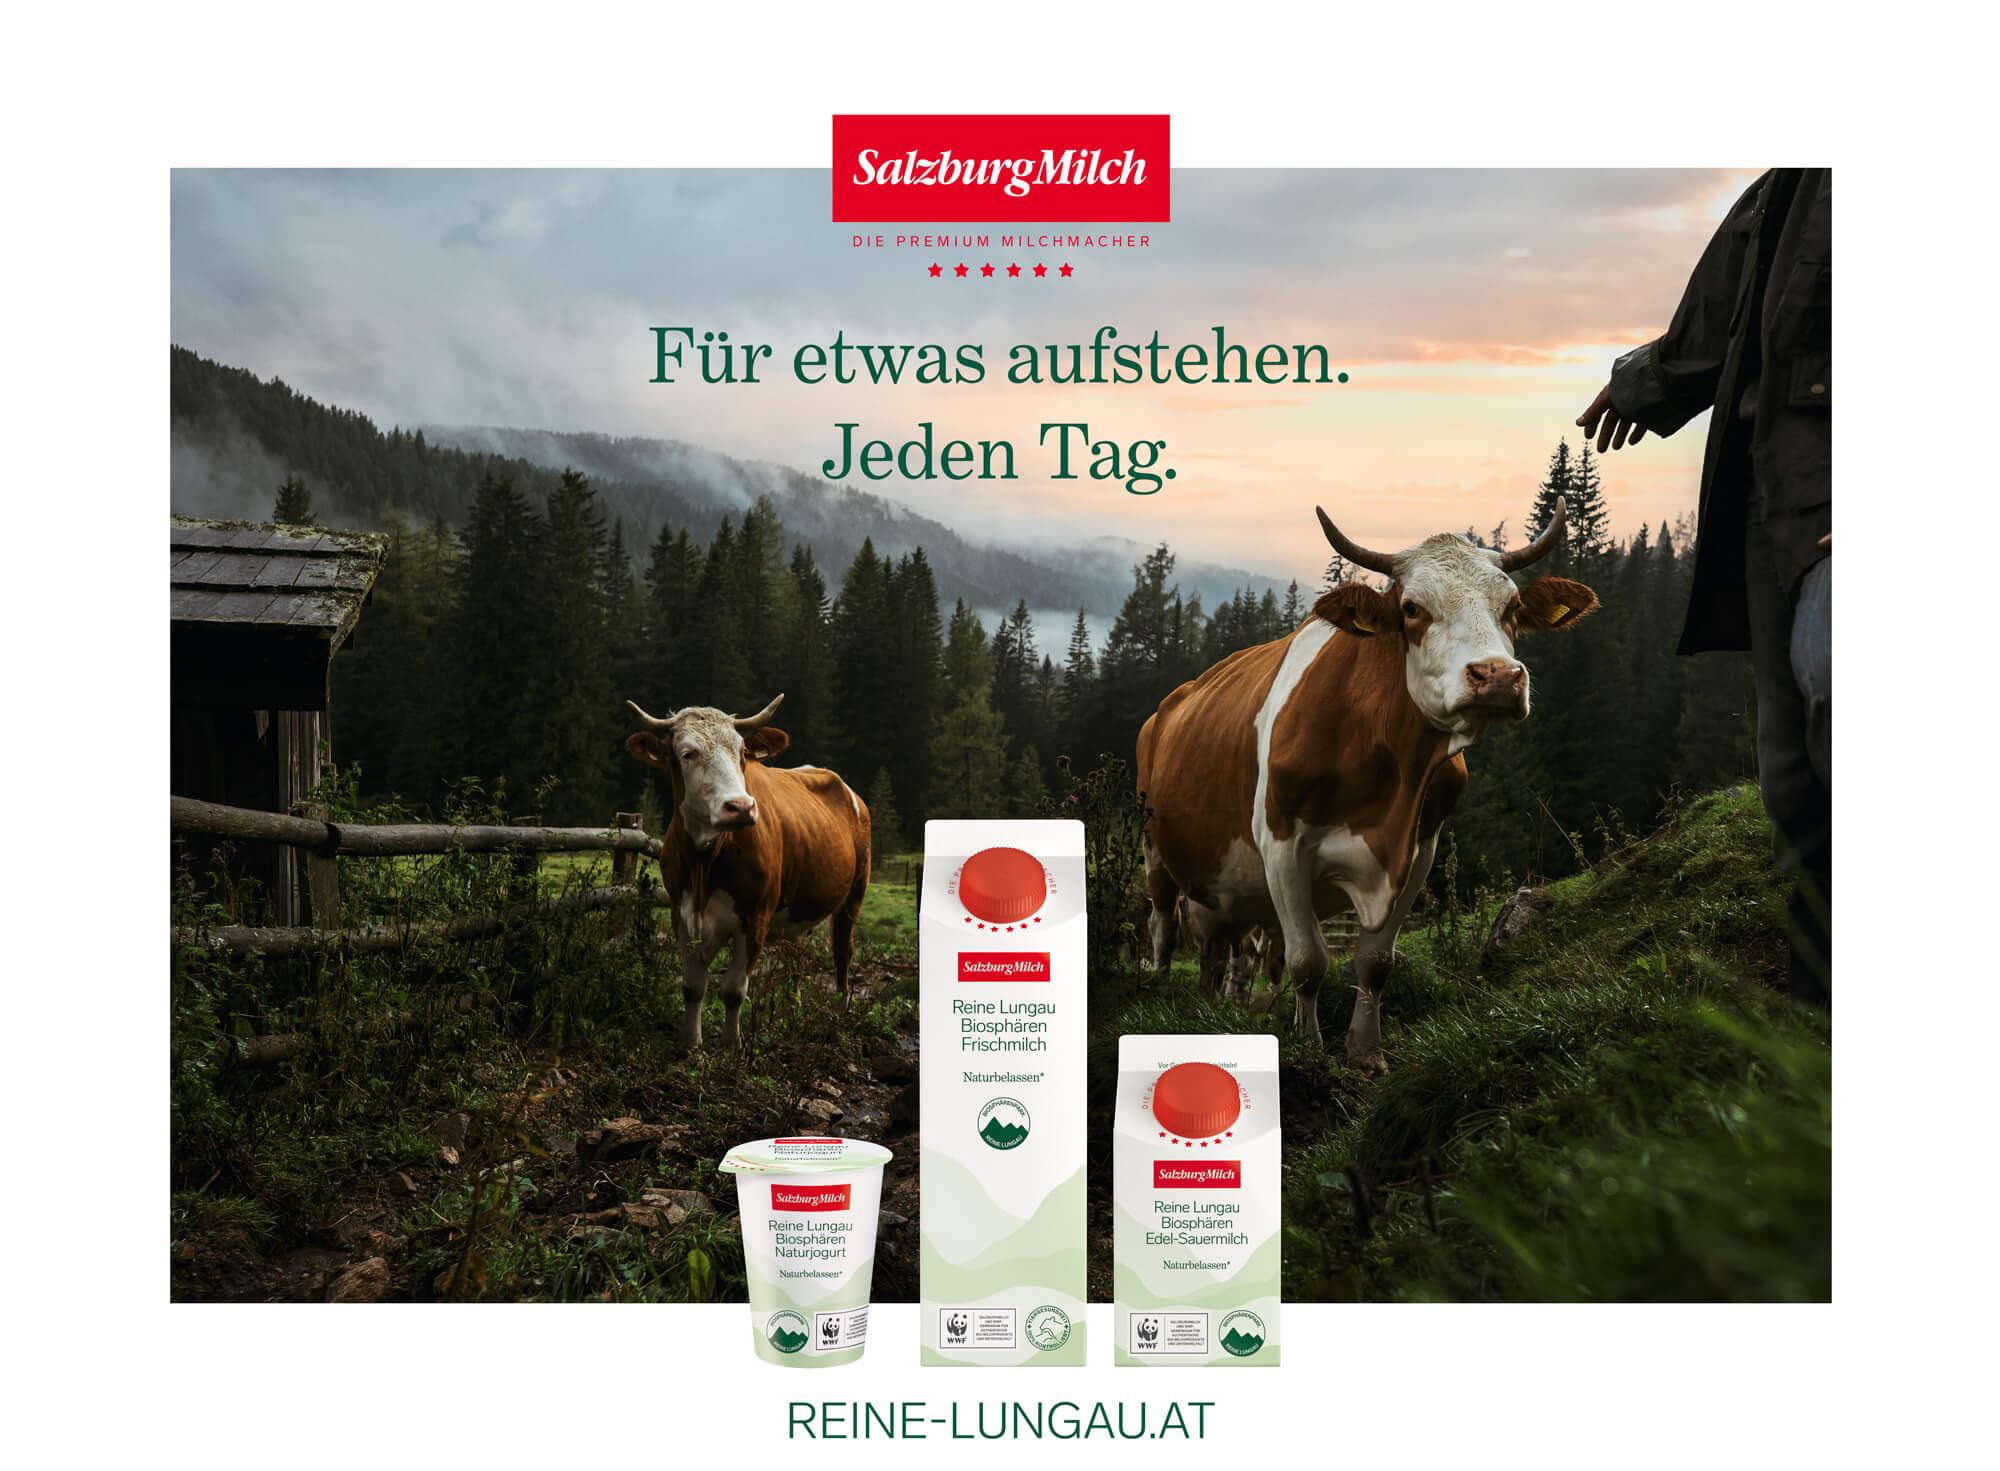 Gesamte Produktlinie Reine Lungau